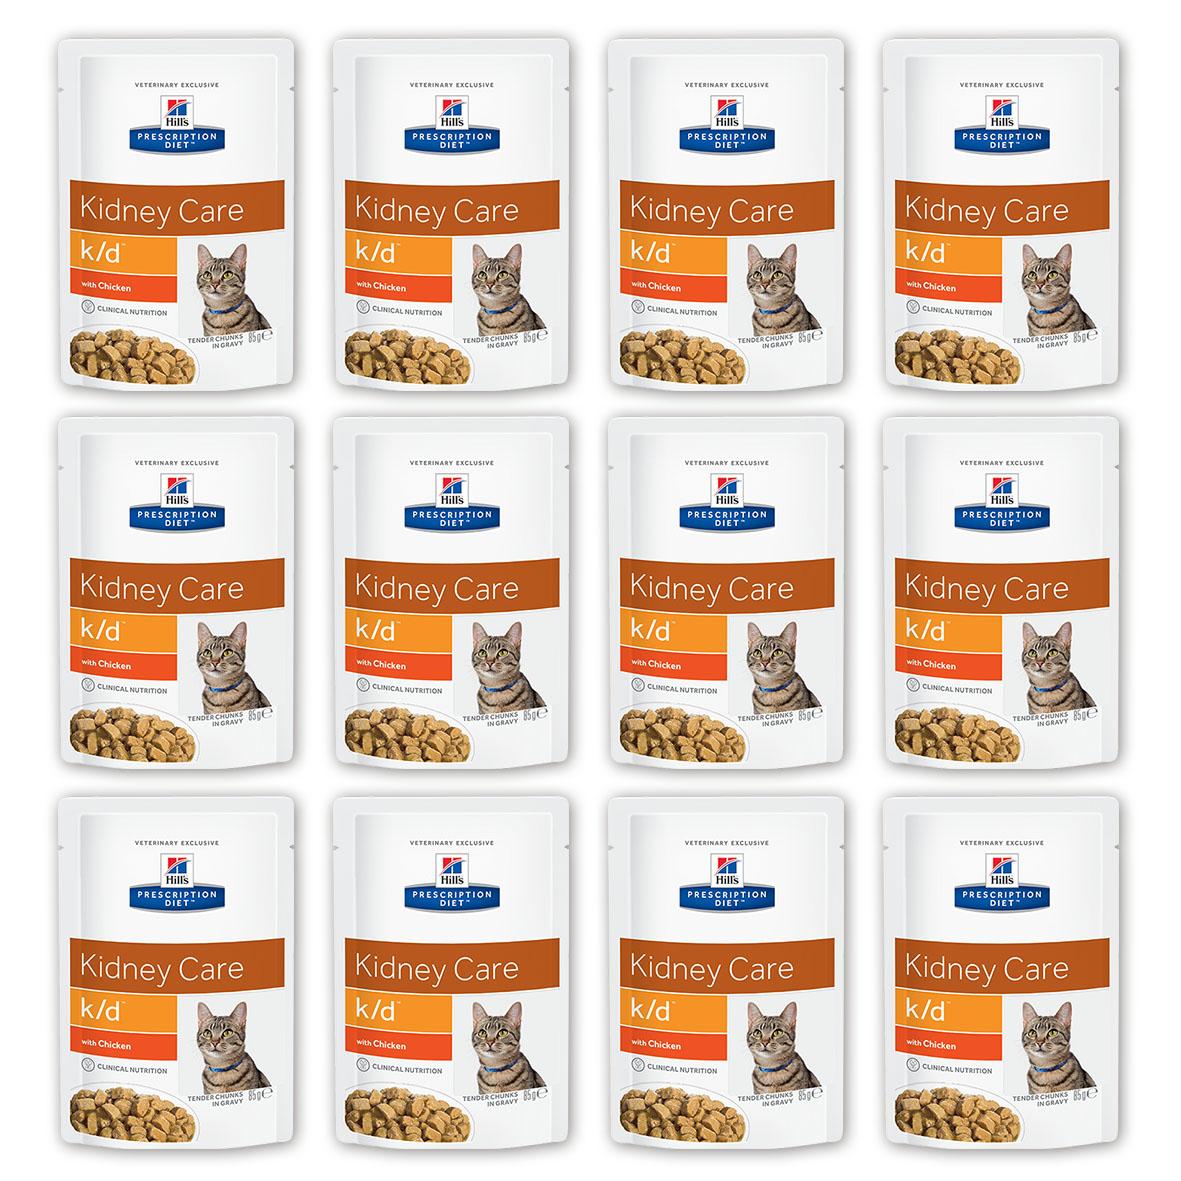 Консервы для кошек Hills Prescription Diet. K/D, при заболевании почек и урологическом синдроме, с курицей, 85 г, 12 шт0120710Консервы для кошек Hills Prescription Diet. K/D рекомендуются при хронических заболеваниях почек, при заболеваниях сердца, при уратном и цистиновом уролитиазе.Не рекомендуется котятам, беременным и кормящим кошкам, кошкам с дефицитом натрия в организме.В 2-х летнем исследовании клинически доказано что у кошек, питавшихся рационом Hills Prescription Diet k/d Feline, значительно реже отмечались эпизоды уремии и снижался уровень смертности. Ключевые преимущества: - Сниженное содержание фосфора помогает замедлить развитие заболевания почек. - Контролируемое содержание протеина помогает снизить накопление токсичных продуктов белкового обмена, в то же время удовлетворяя потребность организма в протеинах. Уменьшает концентрацию в моче компонентов уратных и цистиновых уролитов. - Повышенное содержание непротеиновых калорий помогает обеспечить поступление энергии и не допускает катаболизма протеинов. - Повышенная буферная емкость рациона препятствует развитию метаболического ацидоза. - Омега-3 жирные кислоты улучшают почечный кровоток. - Содержание натрия снижено, что помогает замедлить развитие заболевания почек. Уменьшает задержку воды в организме на ранних стадиях заболеваний сердца. - Повышенное содержание растворимой клетчатки уменьшает реабсорбцию аммония в кишечнике. Помогает понизить концентрацию мочевины в крови. - Повышенное содержание витаминов группы В восполняет потери данных витаминов при полиурии. - Антиоксидантная формула нейтрализует действие свободных радикалов для поддержания функции почек. Ингредиенты: курица (24%), свинина, кукурузный крахмал, пшеничная мука, крахмал из тапиоки, различные сахара, витамины и микроэлементы, лосось, рыбий жир, порошок животного протеина, подсолнечное масло, концентрат протеина гороха. Окрашено натуральной карамелью.Среднее содержание нутриентов в рационе: протеин 6,6%, жиры 5,1%, углеводы (БЭВ) 9,4%,